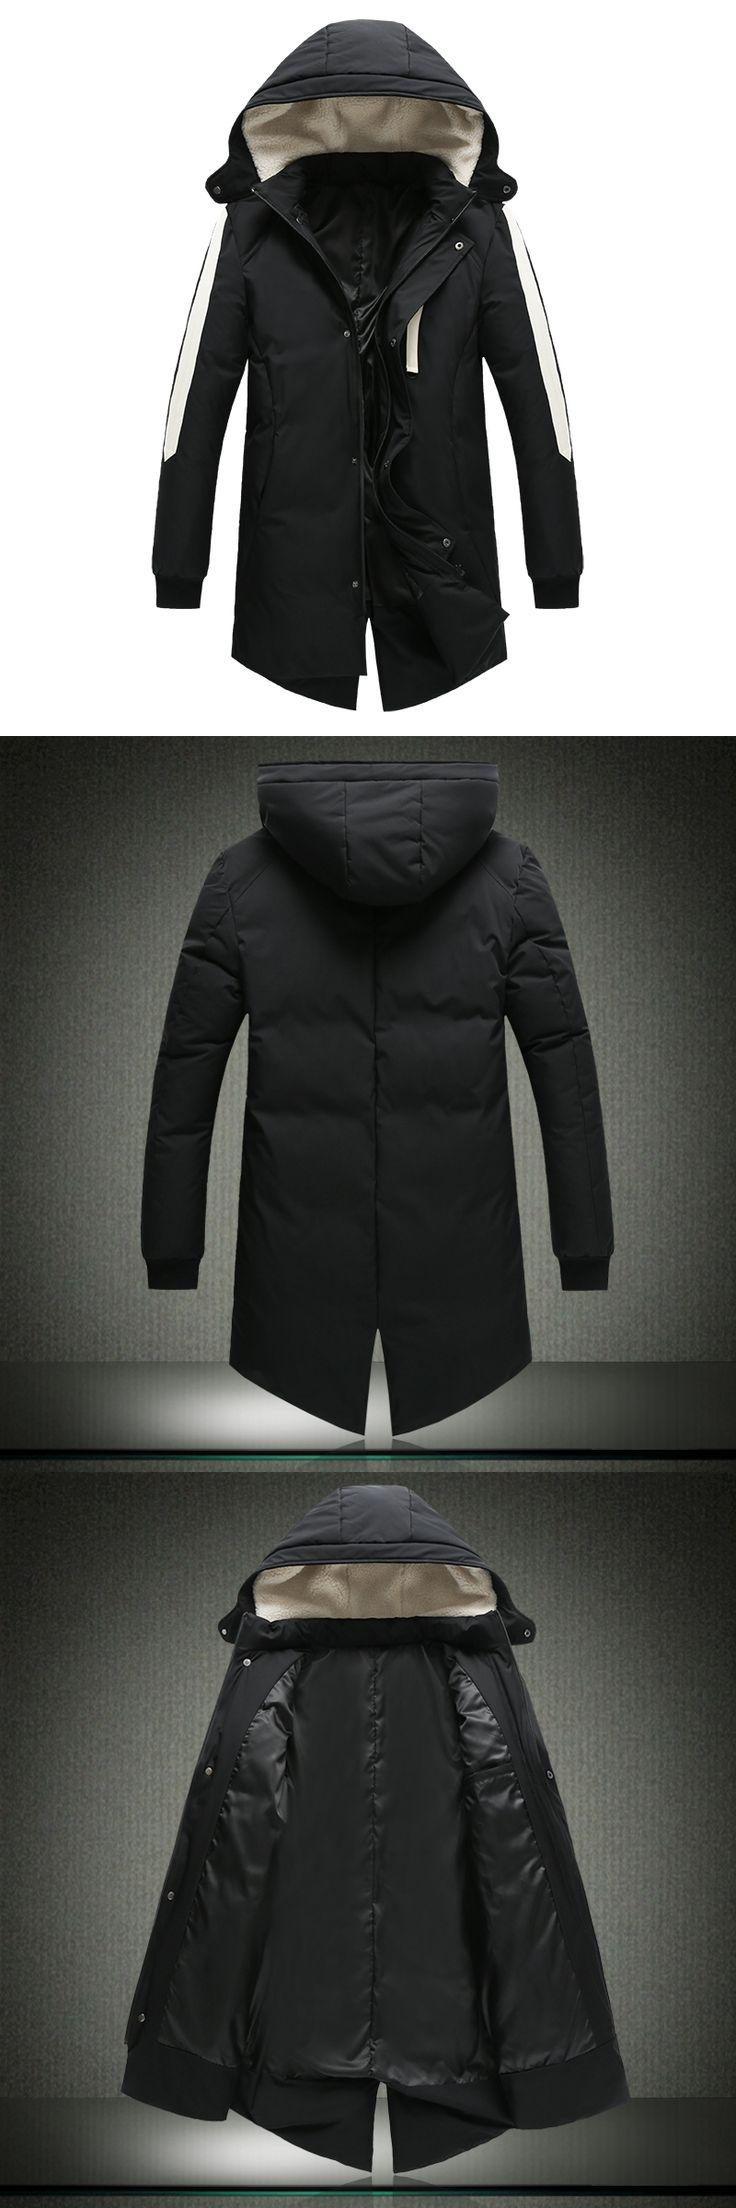 Hot Sale Men Jackets Parkas Long Warm Thick Men  Plus Size M-XXXL Slim Fits Men Winter Coats Black New Fashion Men Jackets